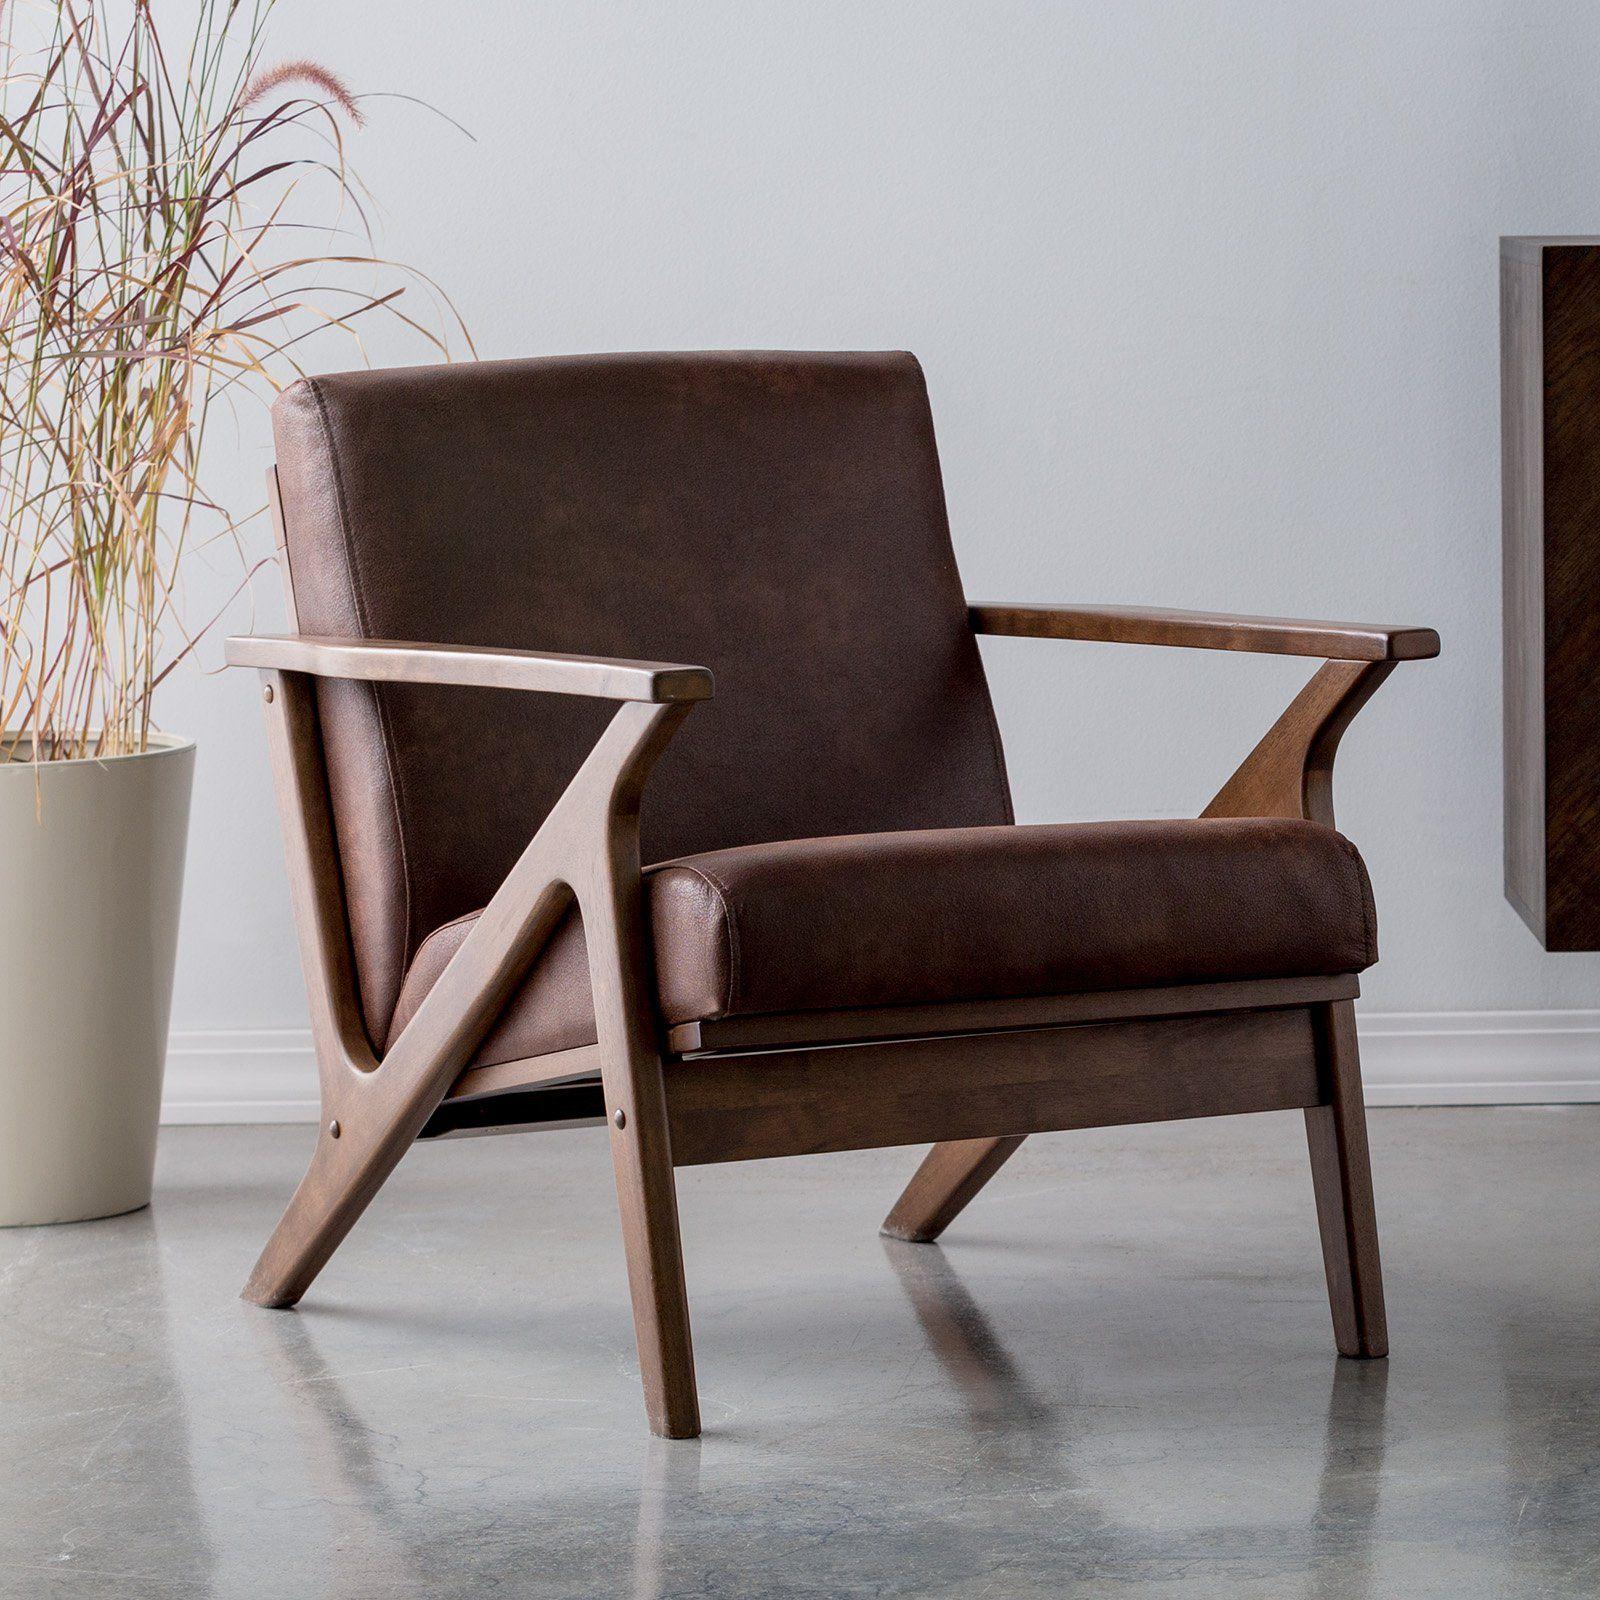 Baxton studio bianca midcentury modern walnut wood dark